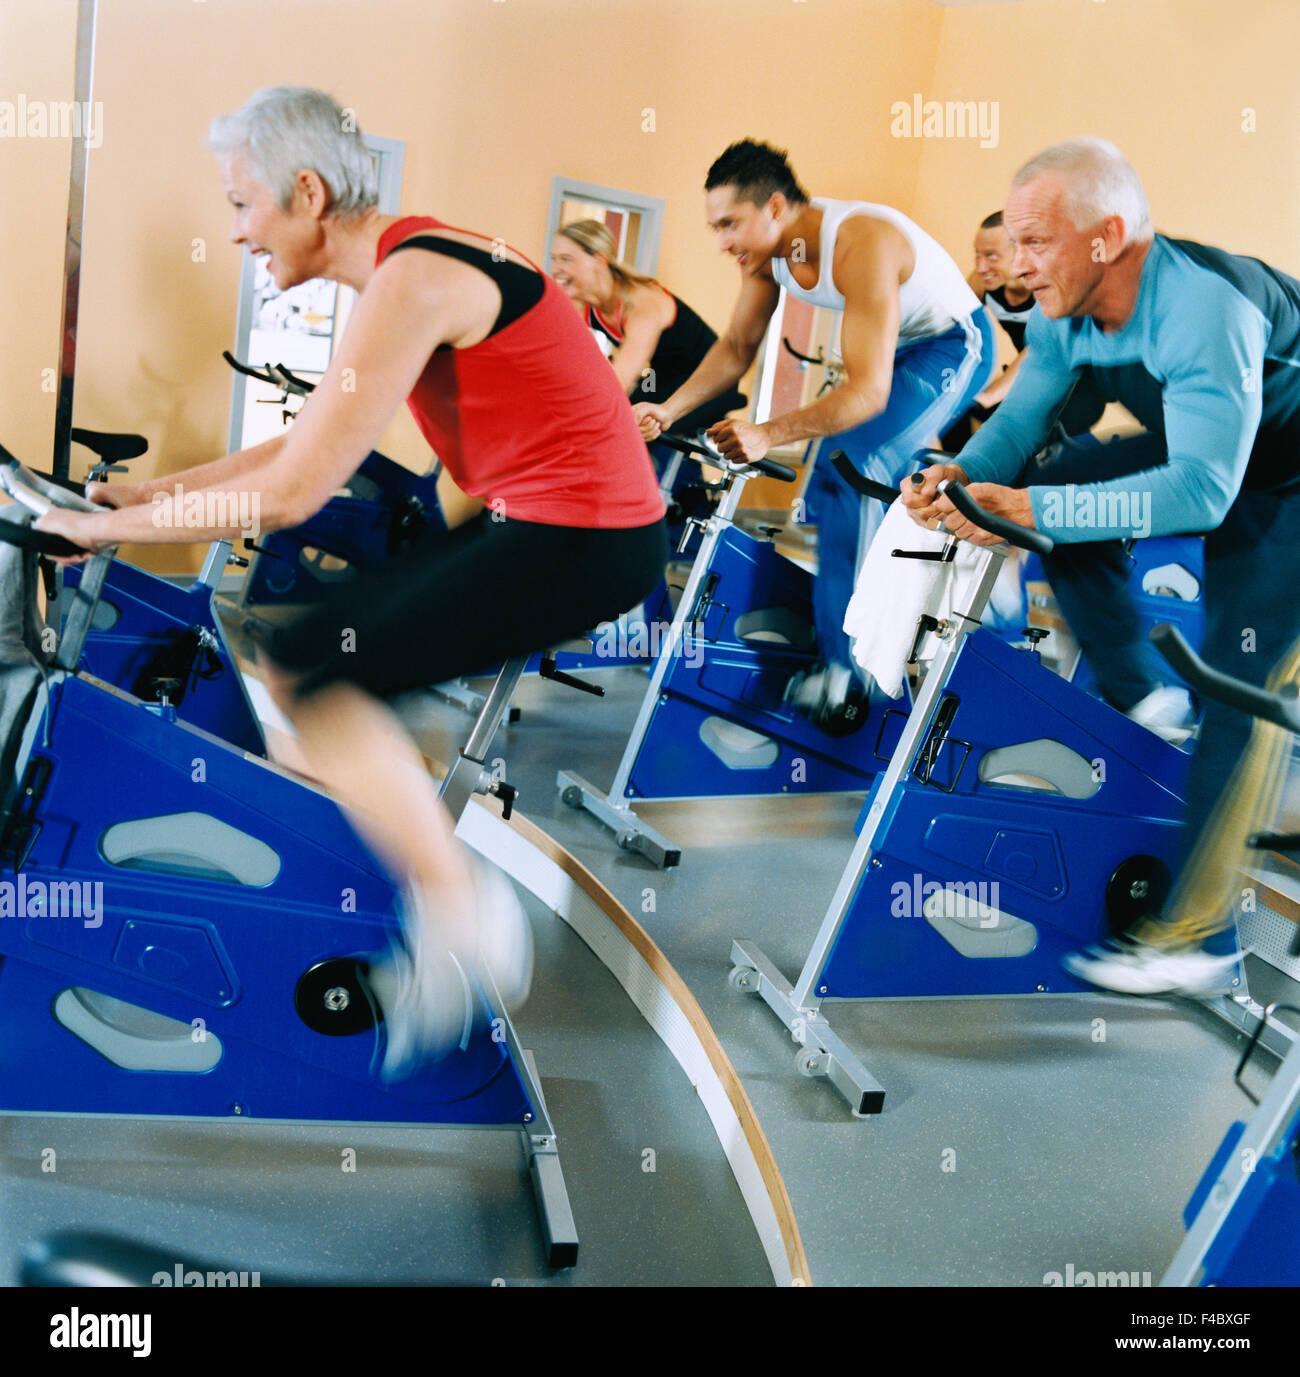 20-24 Jahre 30-34 Jahre Aktivität Erwachsene einzige Athlet Fahrrad Bodybuilding Farbe Bild Zyklus fünf Stockbild